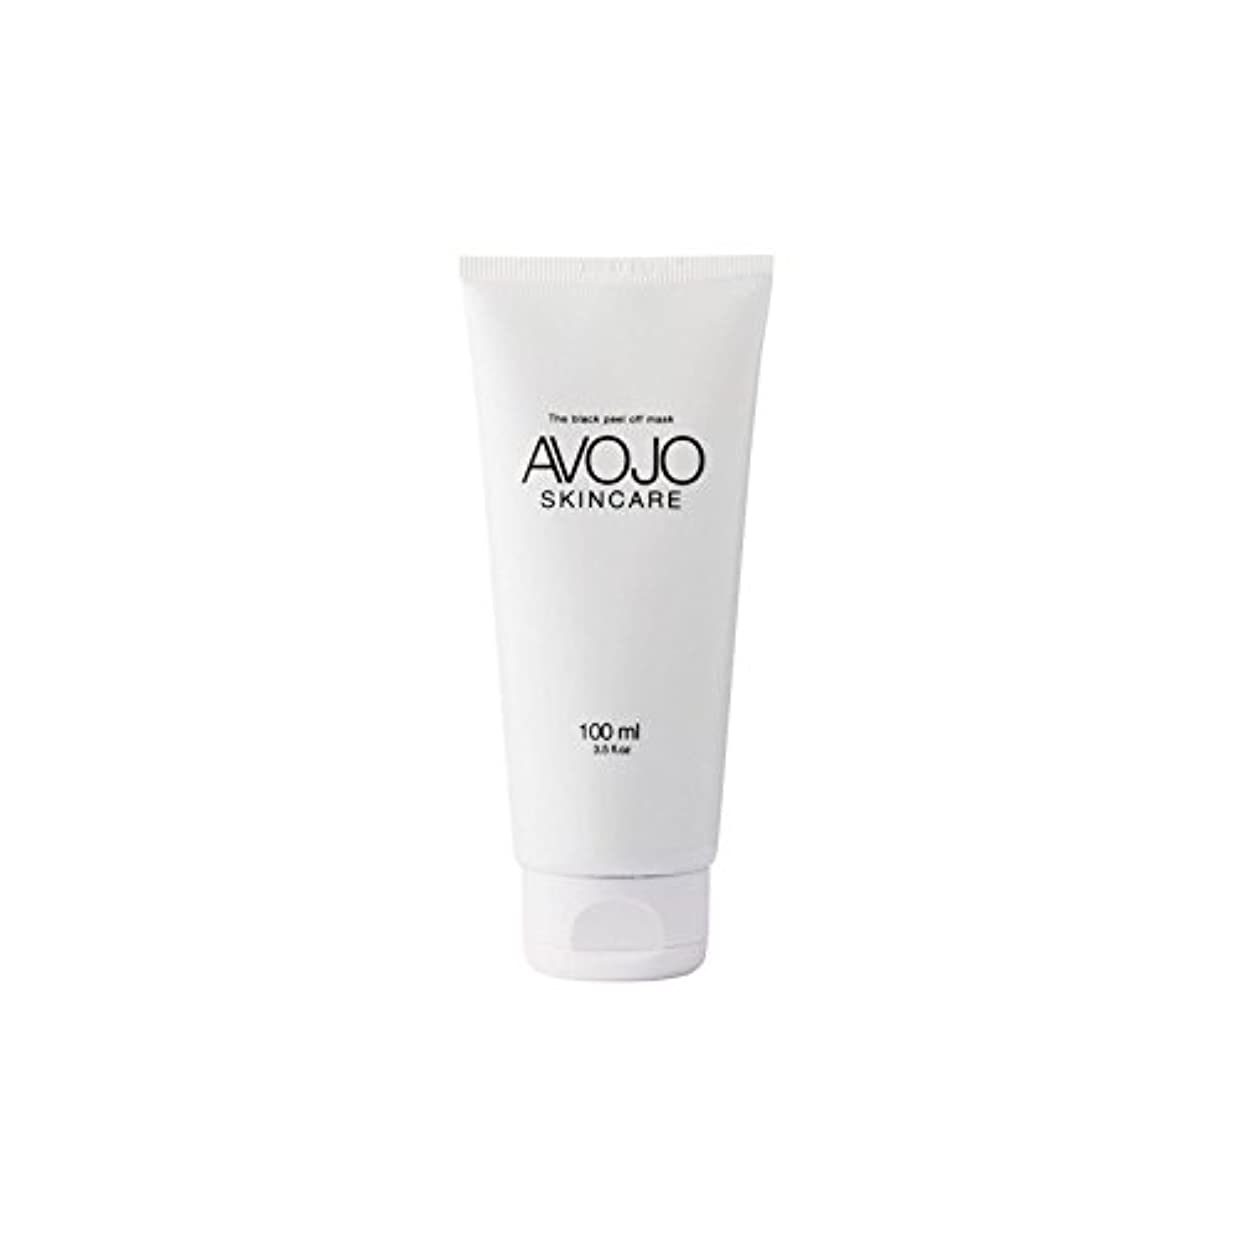 体細胞警告アウトドア- 黒皮オフマスク - (ボトル100ミリリットル) x2 - Avojo - The Black Peel Off Mask - (Bottle 100ml) (Pack of 2) [並行輸入品]